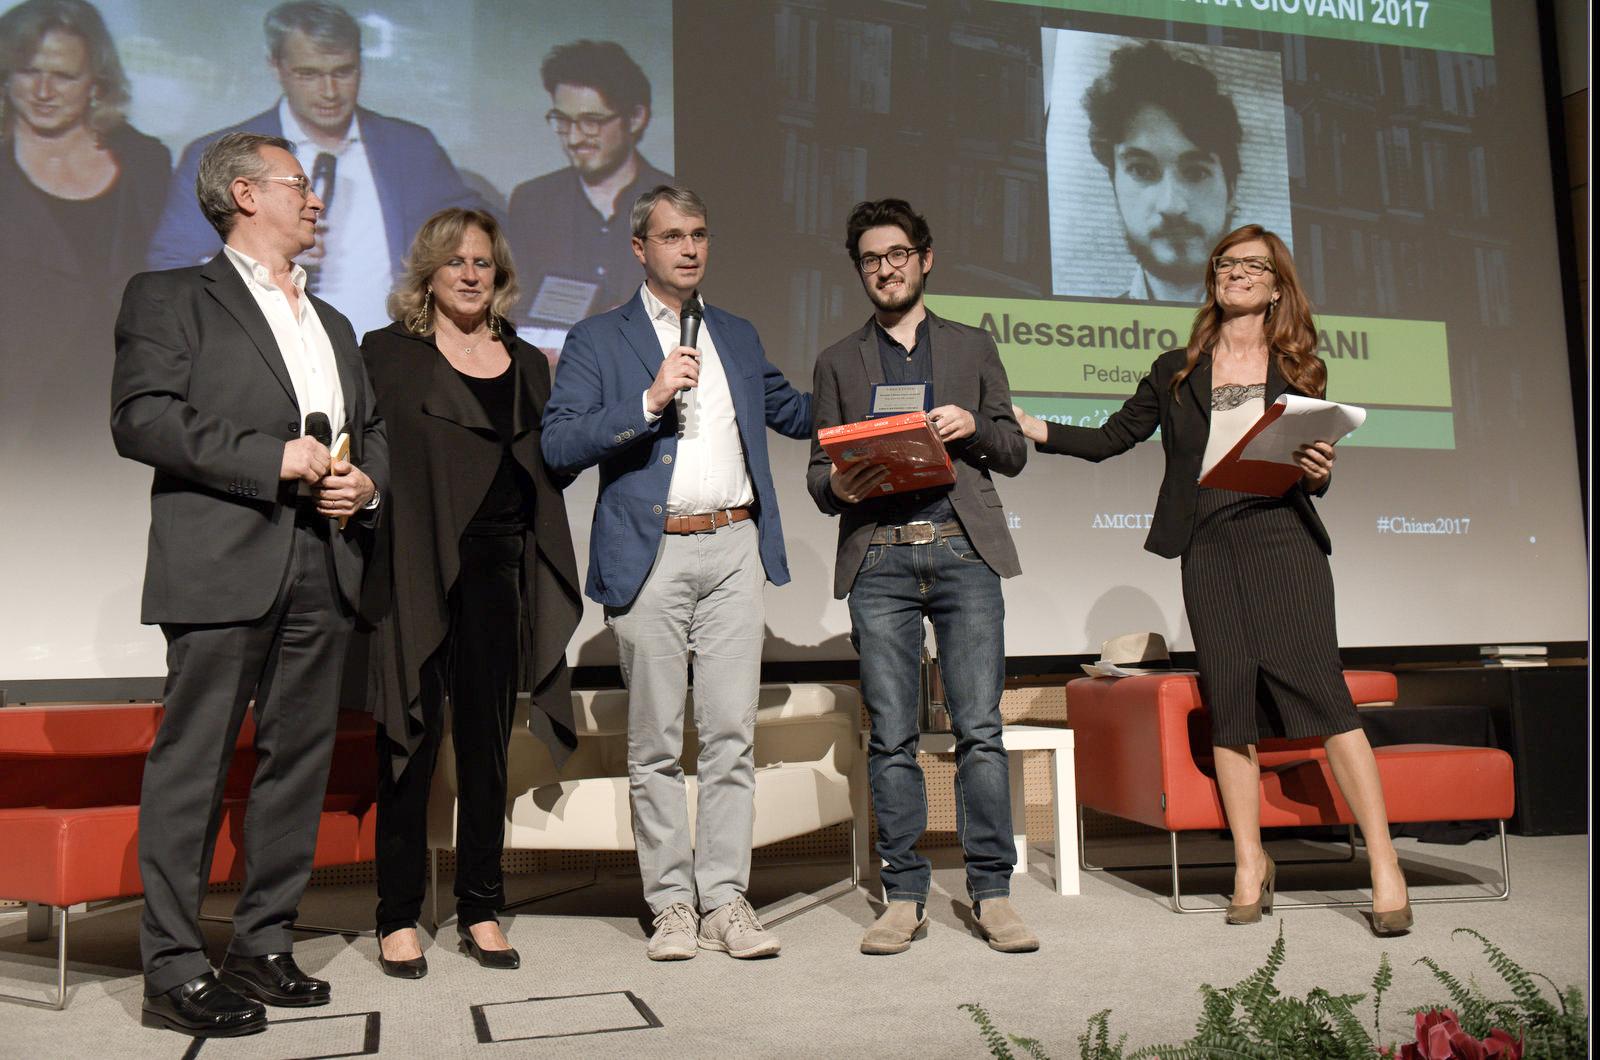 Finale #ChiaraGiovani2017